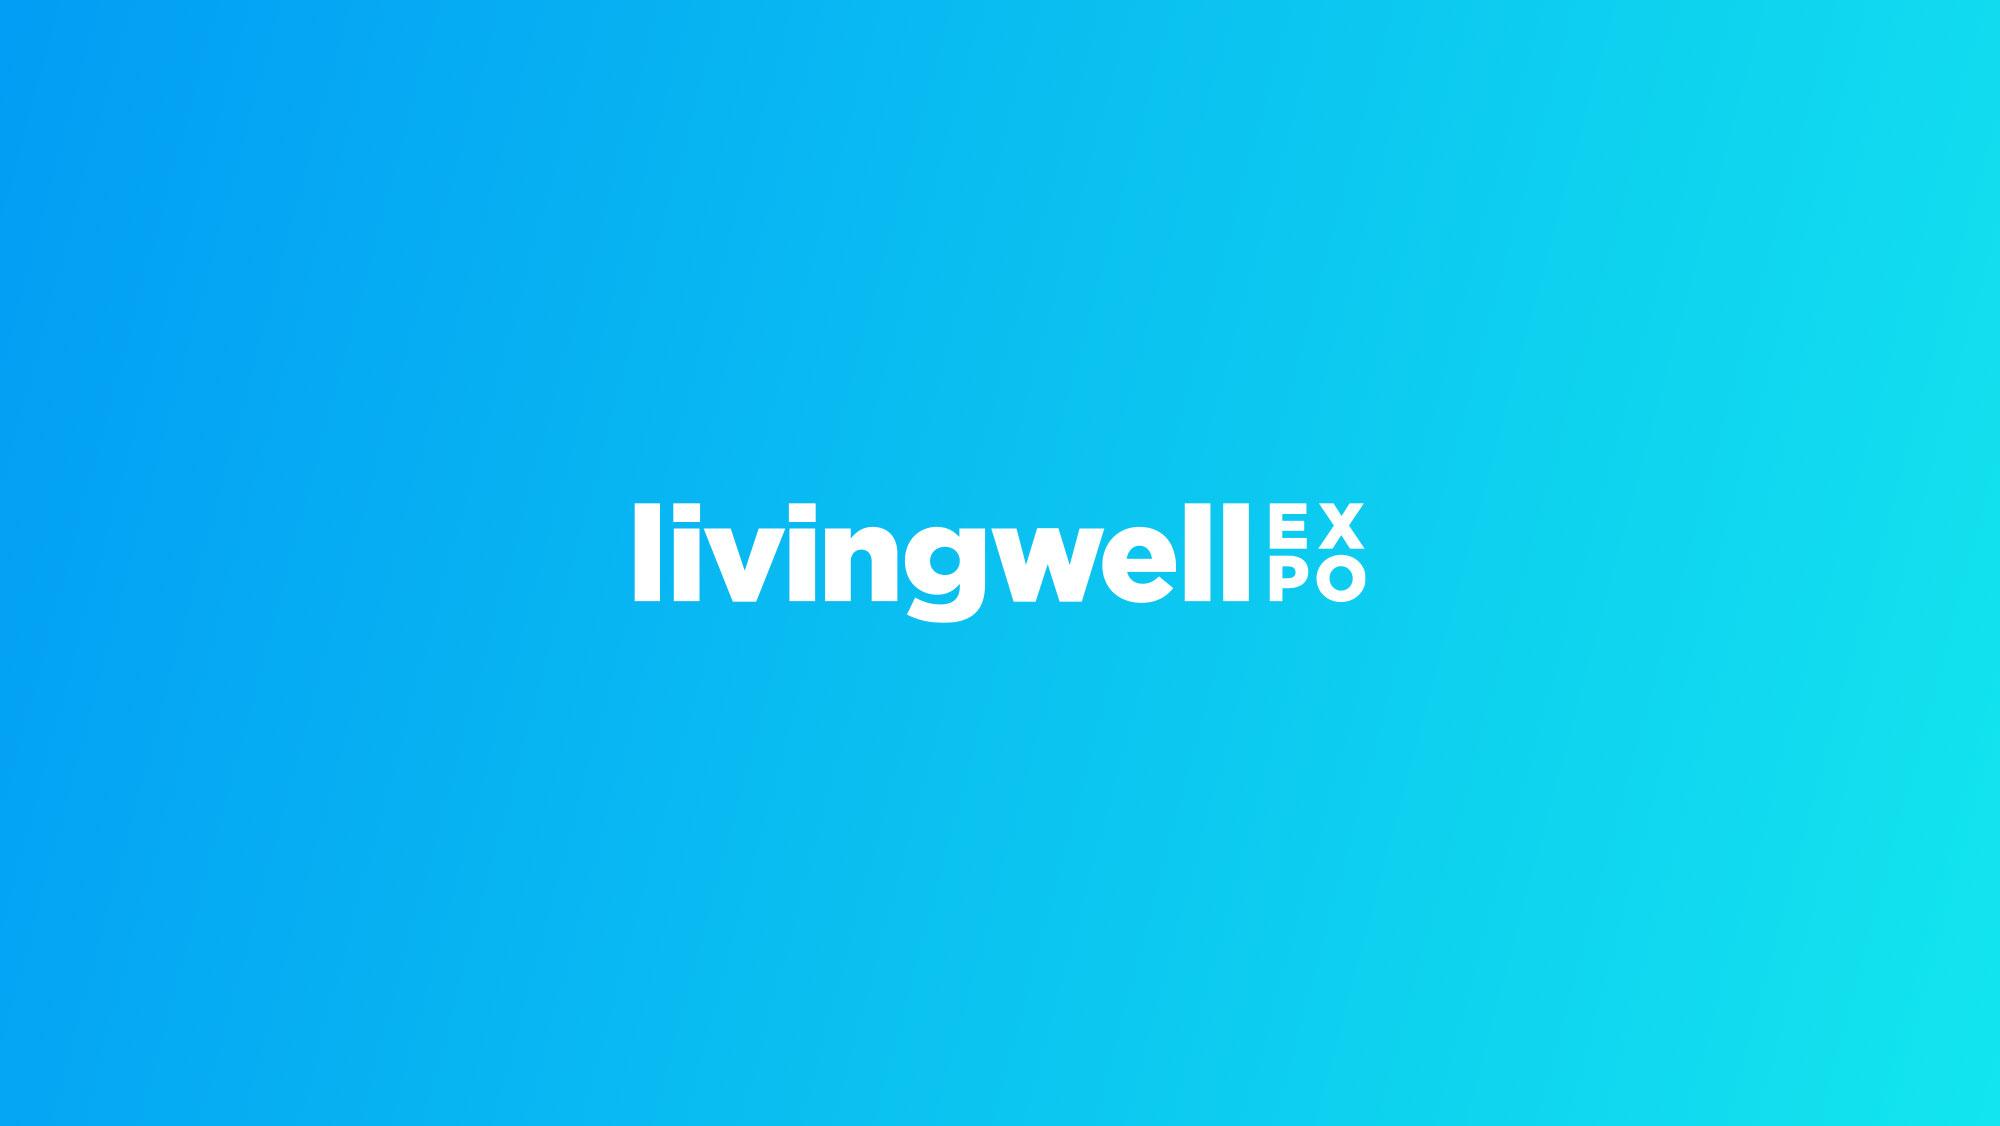 Alternate Logo Design for Barrie LivingWell Expo